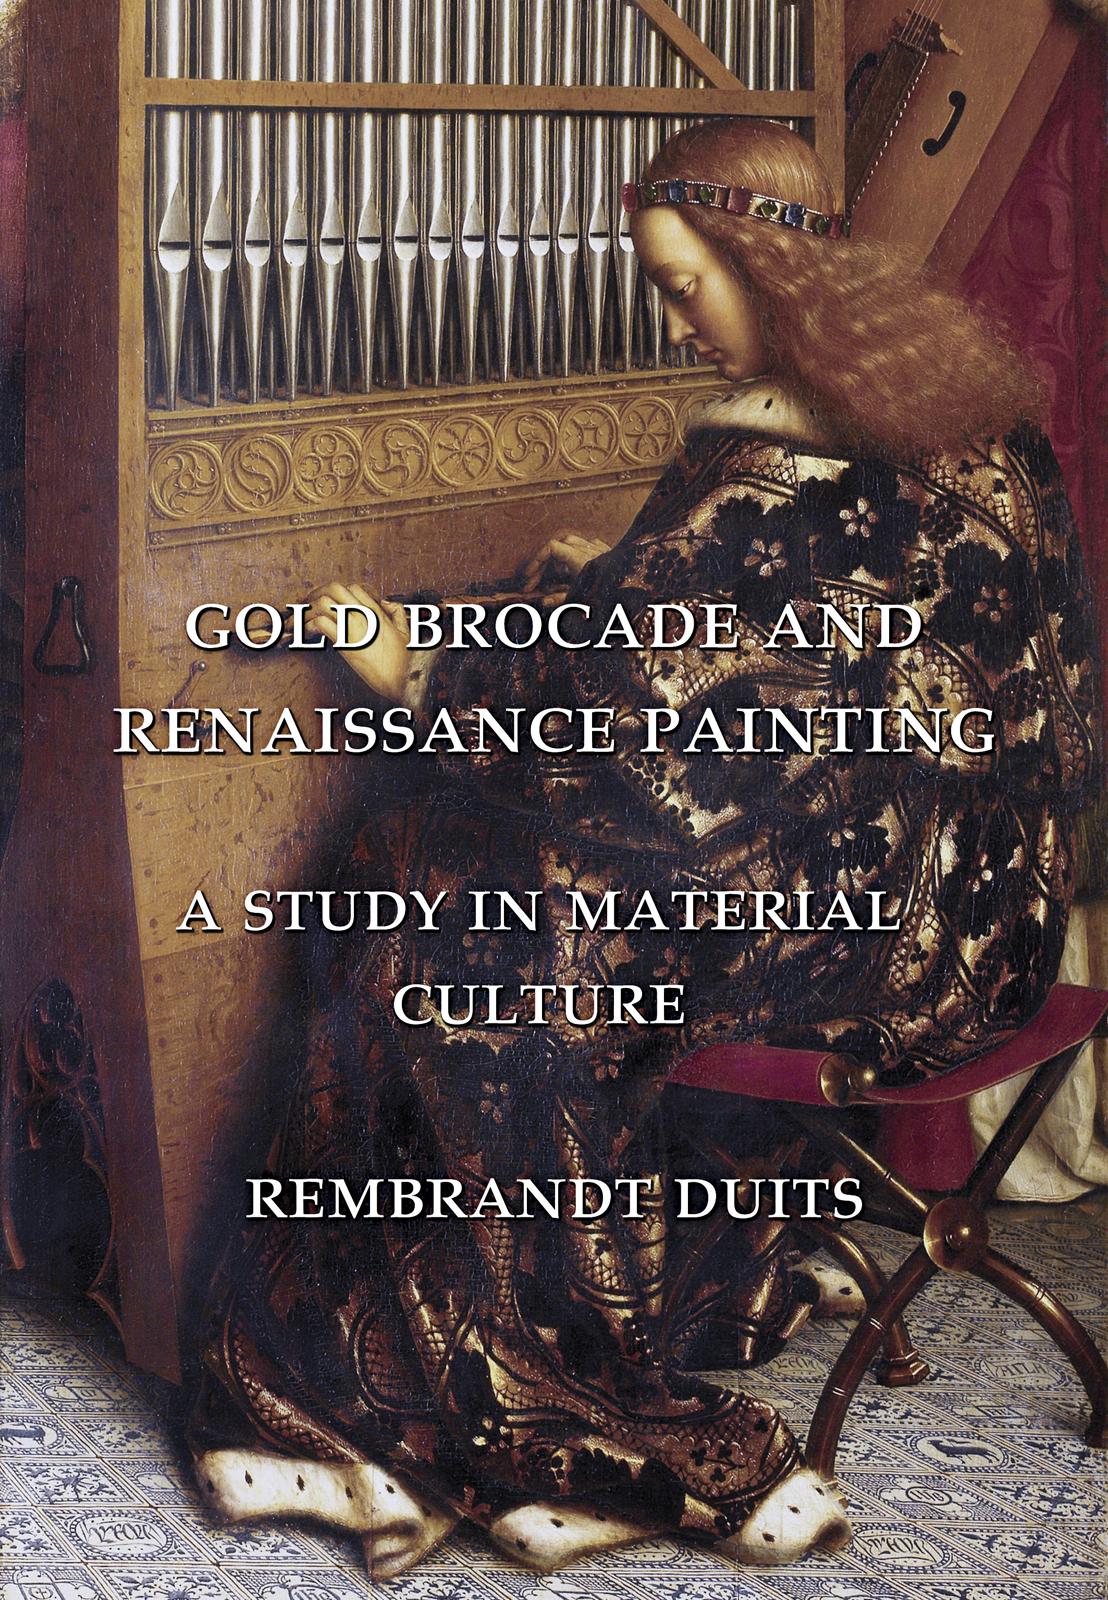 Rembrandt Duits